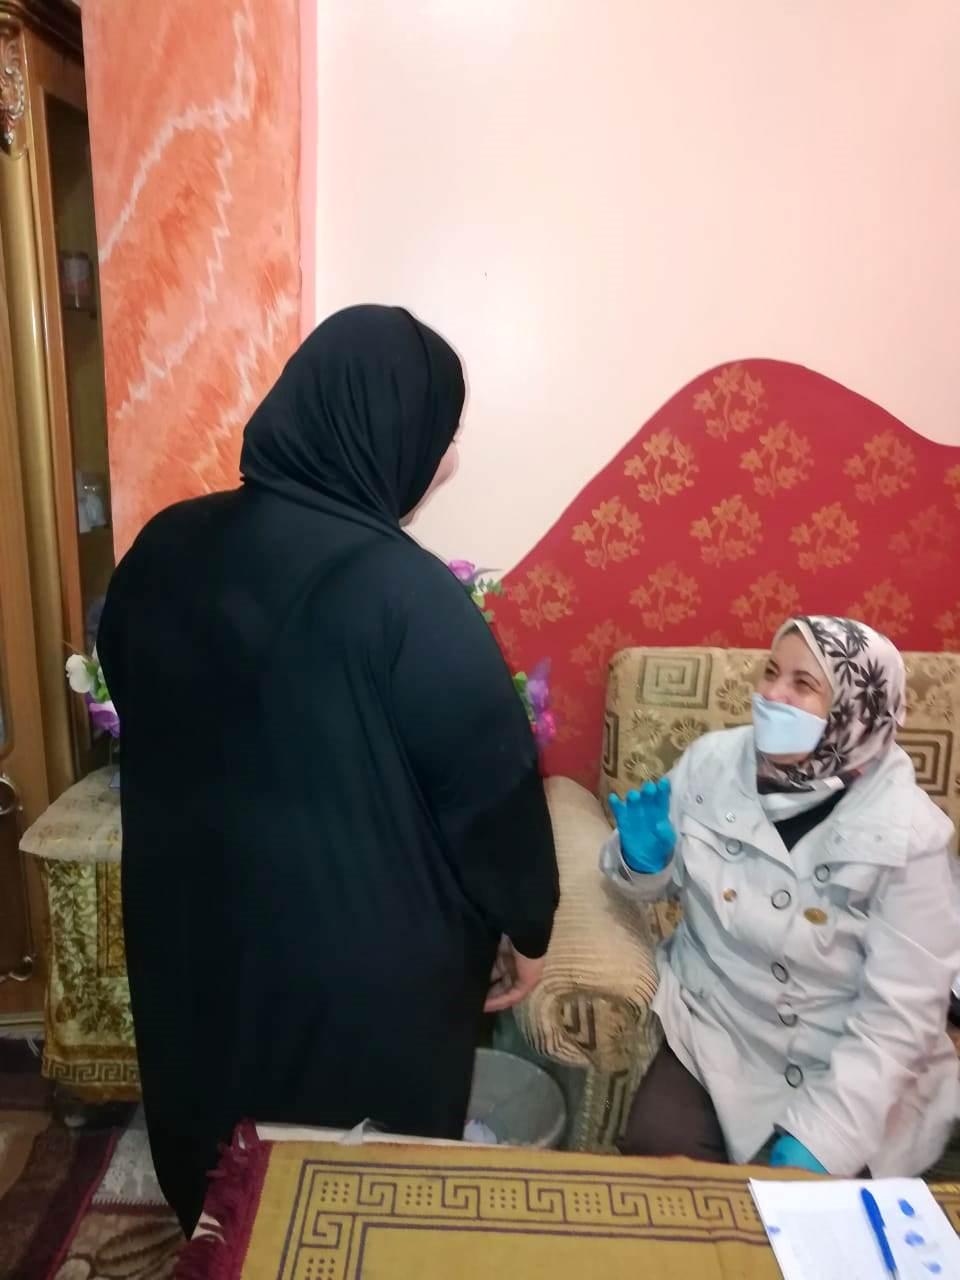 خالد أبوبكر تحدى وزيرة الهجرة.. ونبيلة مكرم تلقت تبرعا بـ 100 ألف دولار (10)